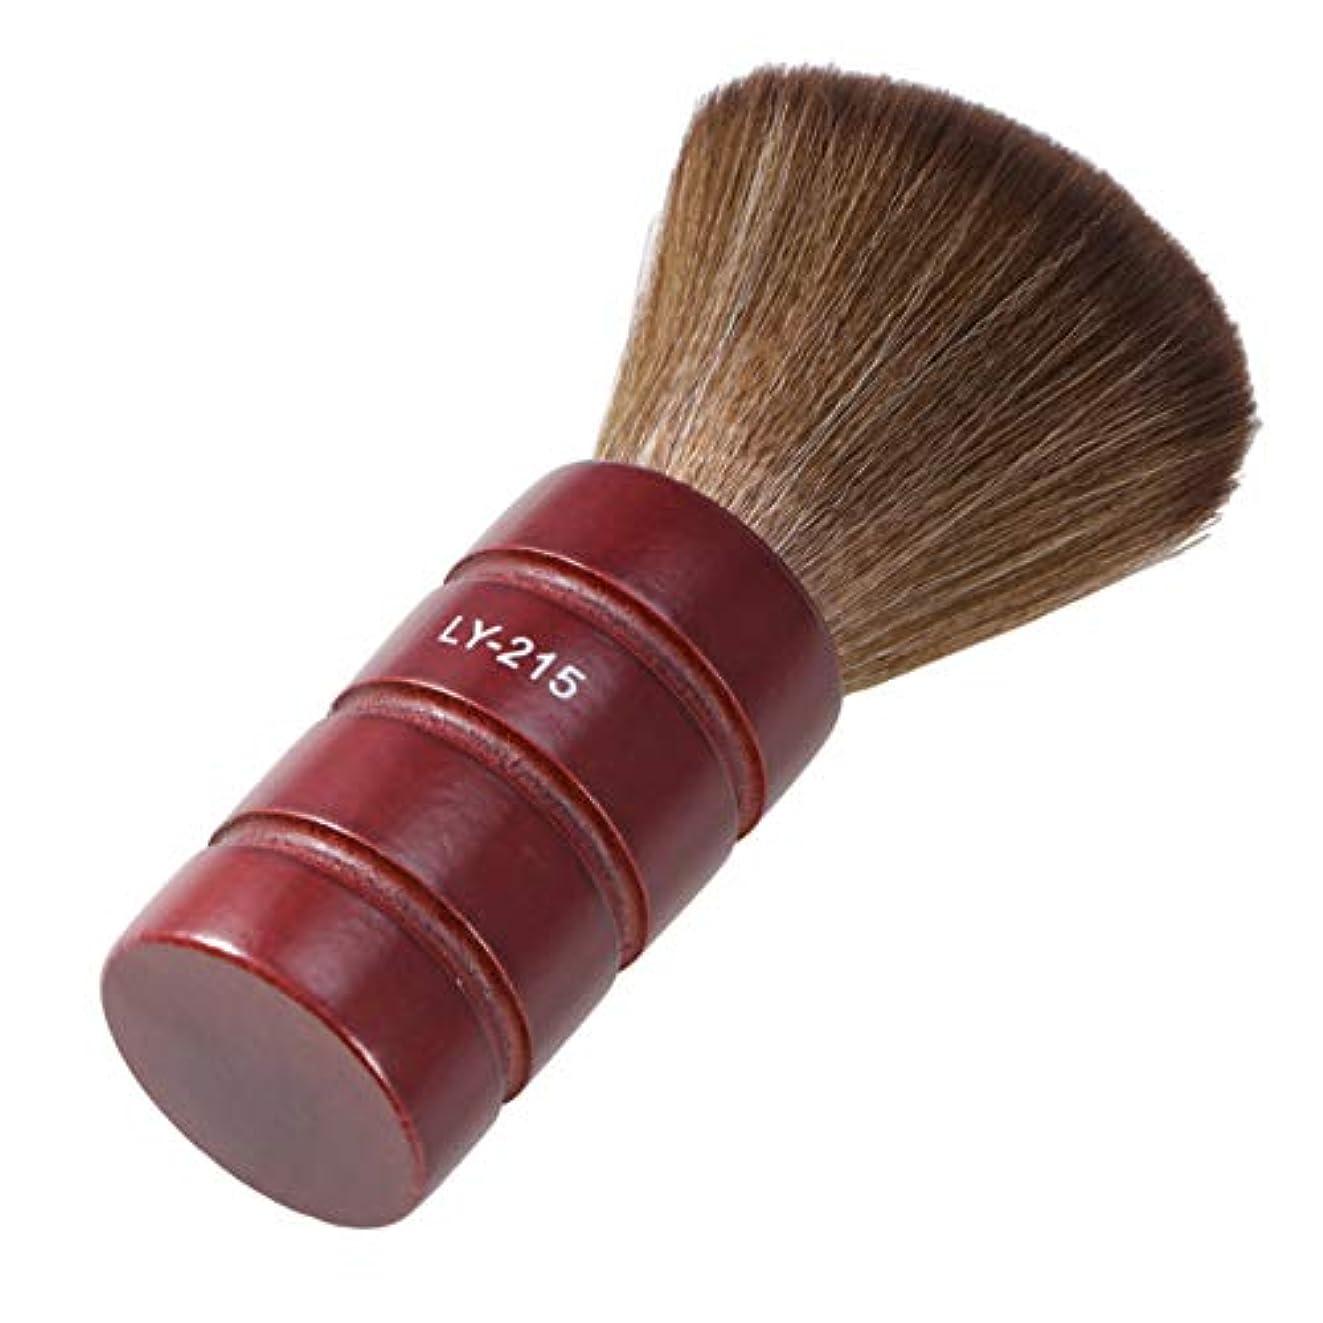 批判的に情緒的上級Lurroseプロフェッショナルヘアカットブラシソフトファイバーフェイスネックダスターブラシ理髪サロン理容ツール